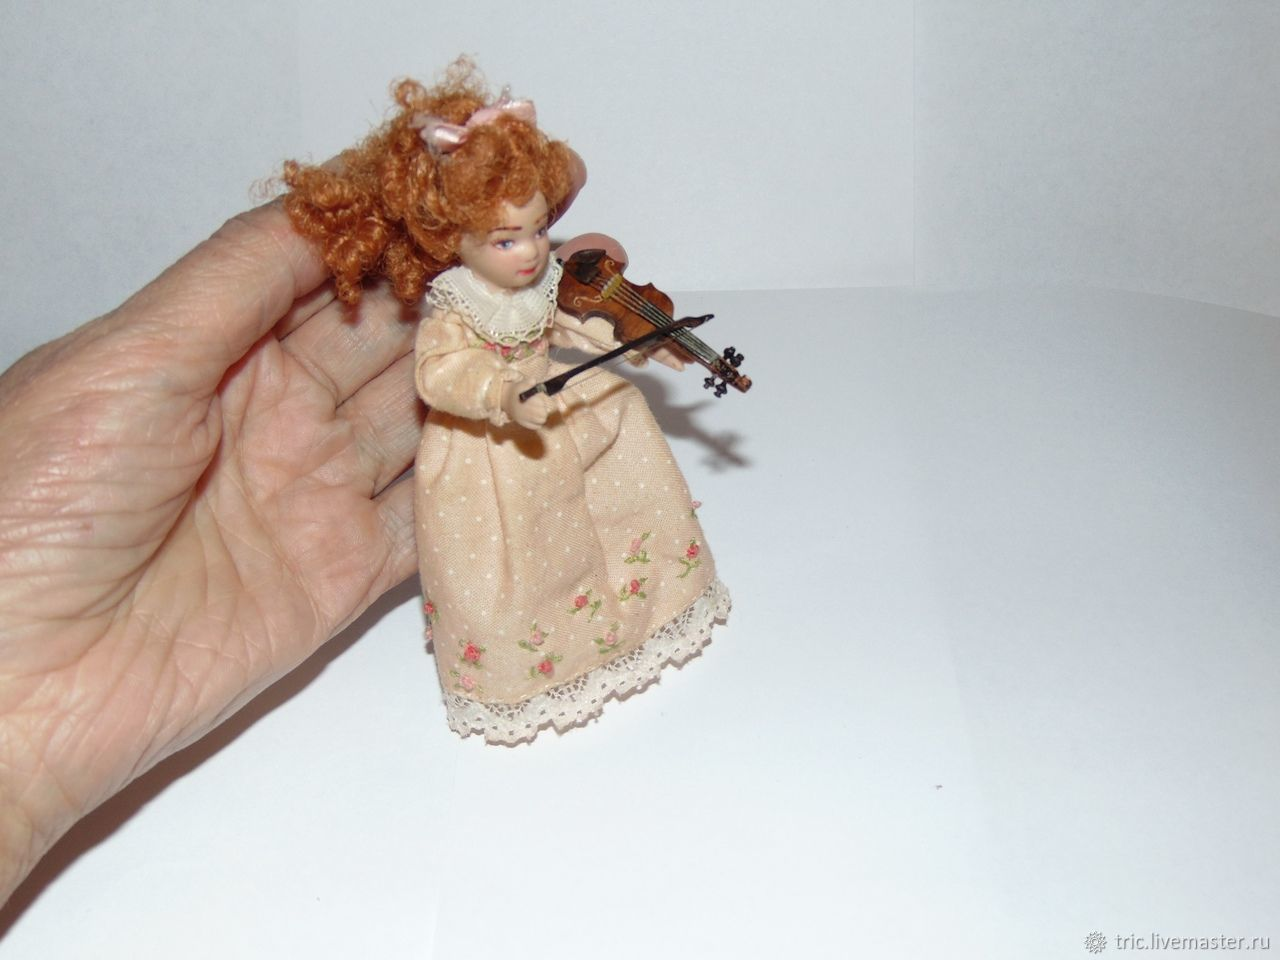 Скрипки для кукольных детей 4 см 2 мм, Мини фигурки и статуэтки, Муром,  Фото №1